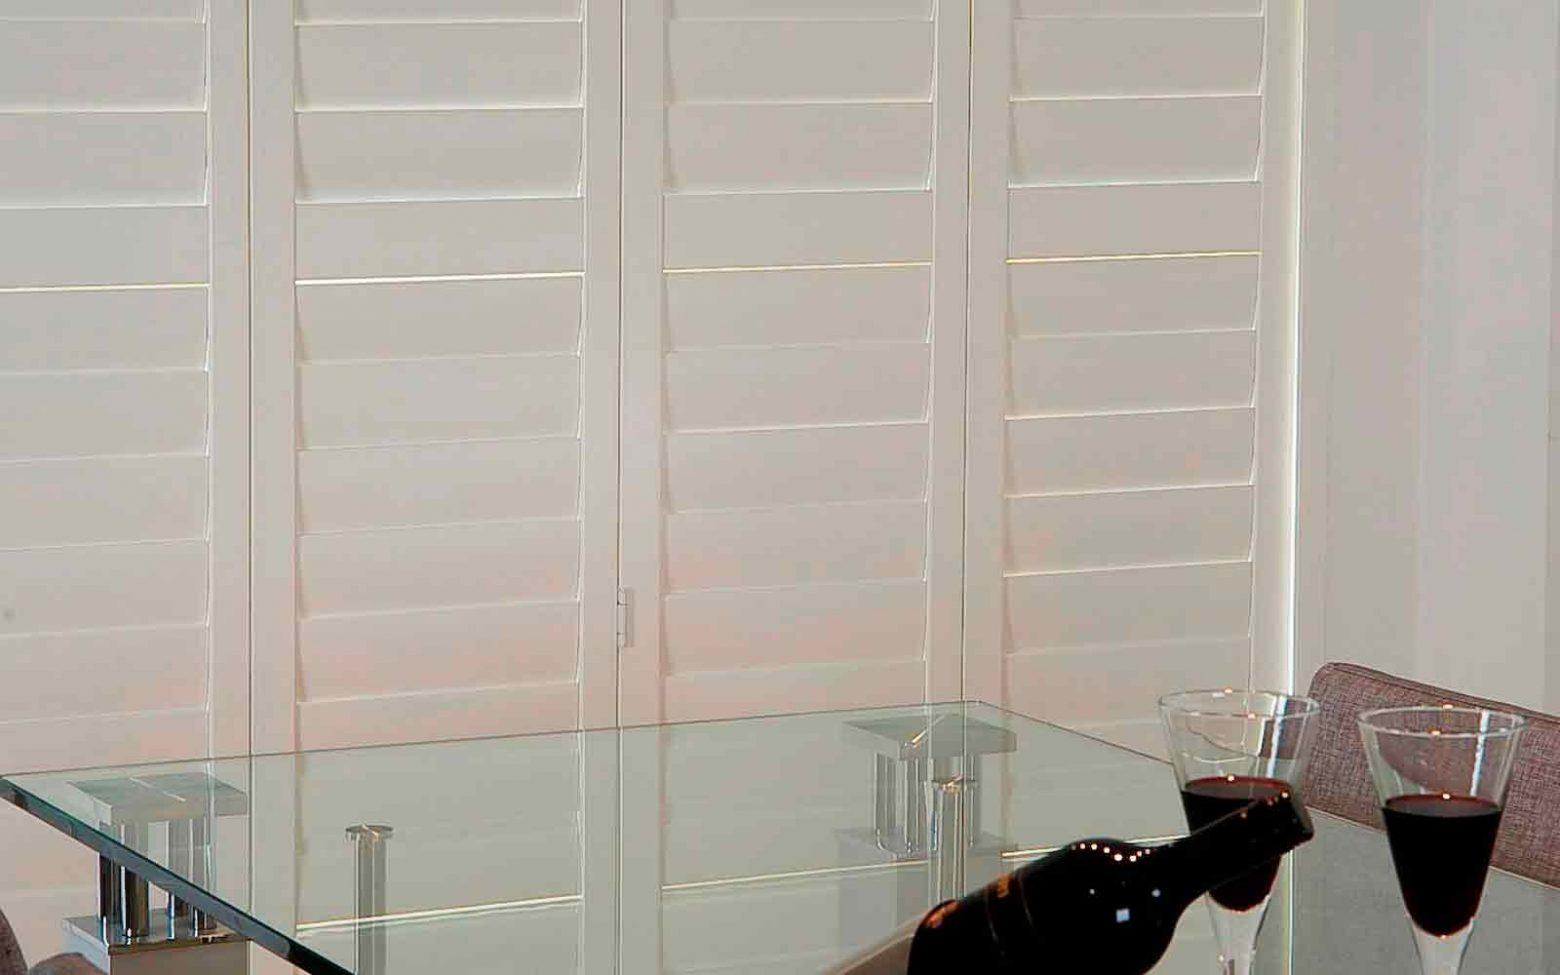 Do Window Shutters Reduce Noise?